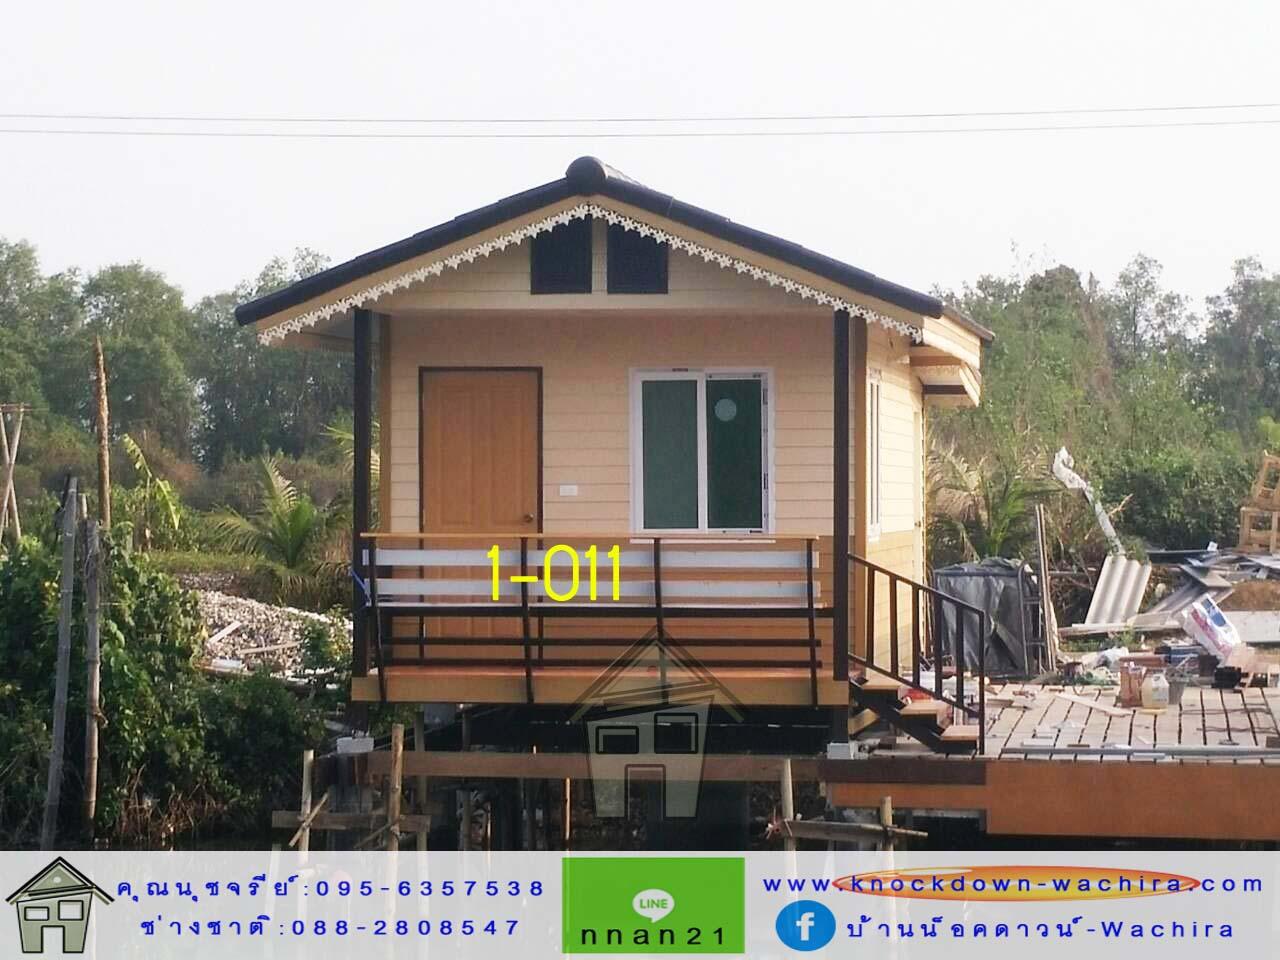 1-011 บ้านน็อคดาวน์ - ทรงจั่ว - 3x5 เมตร